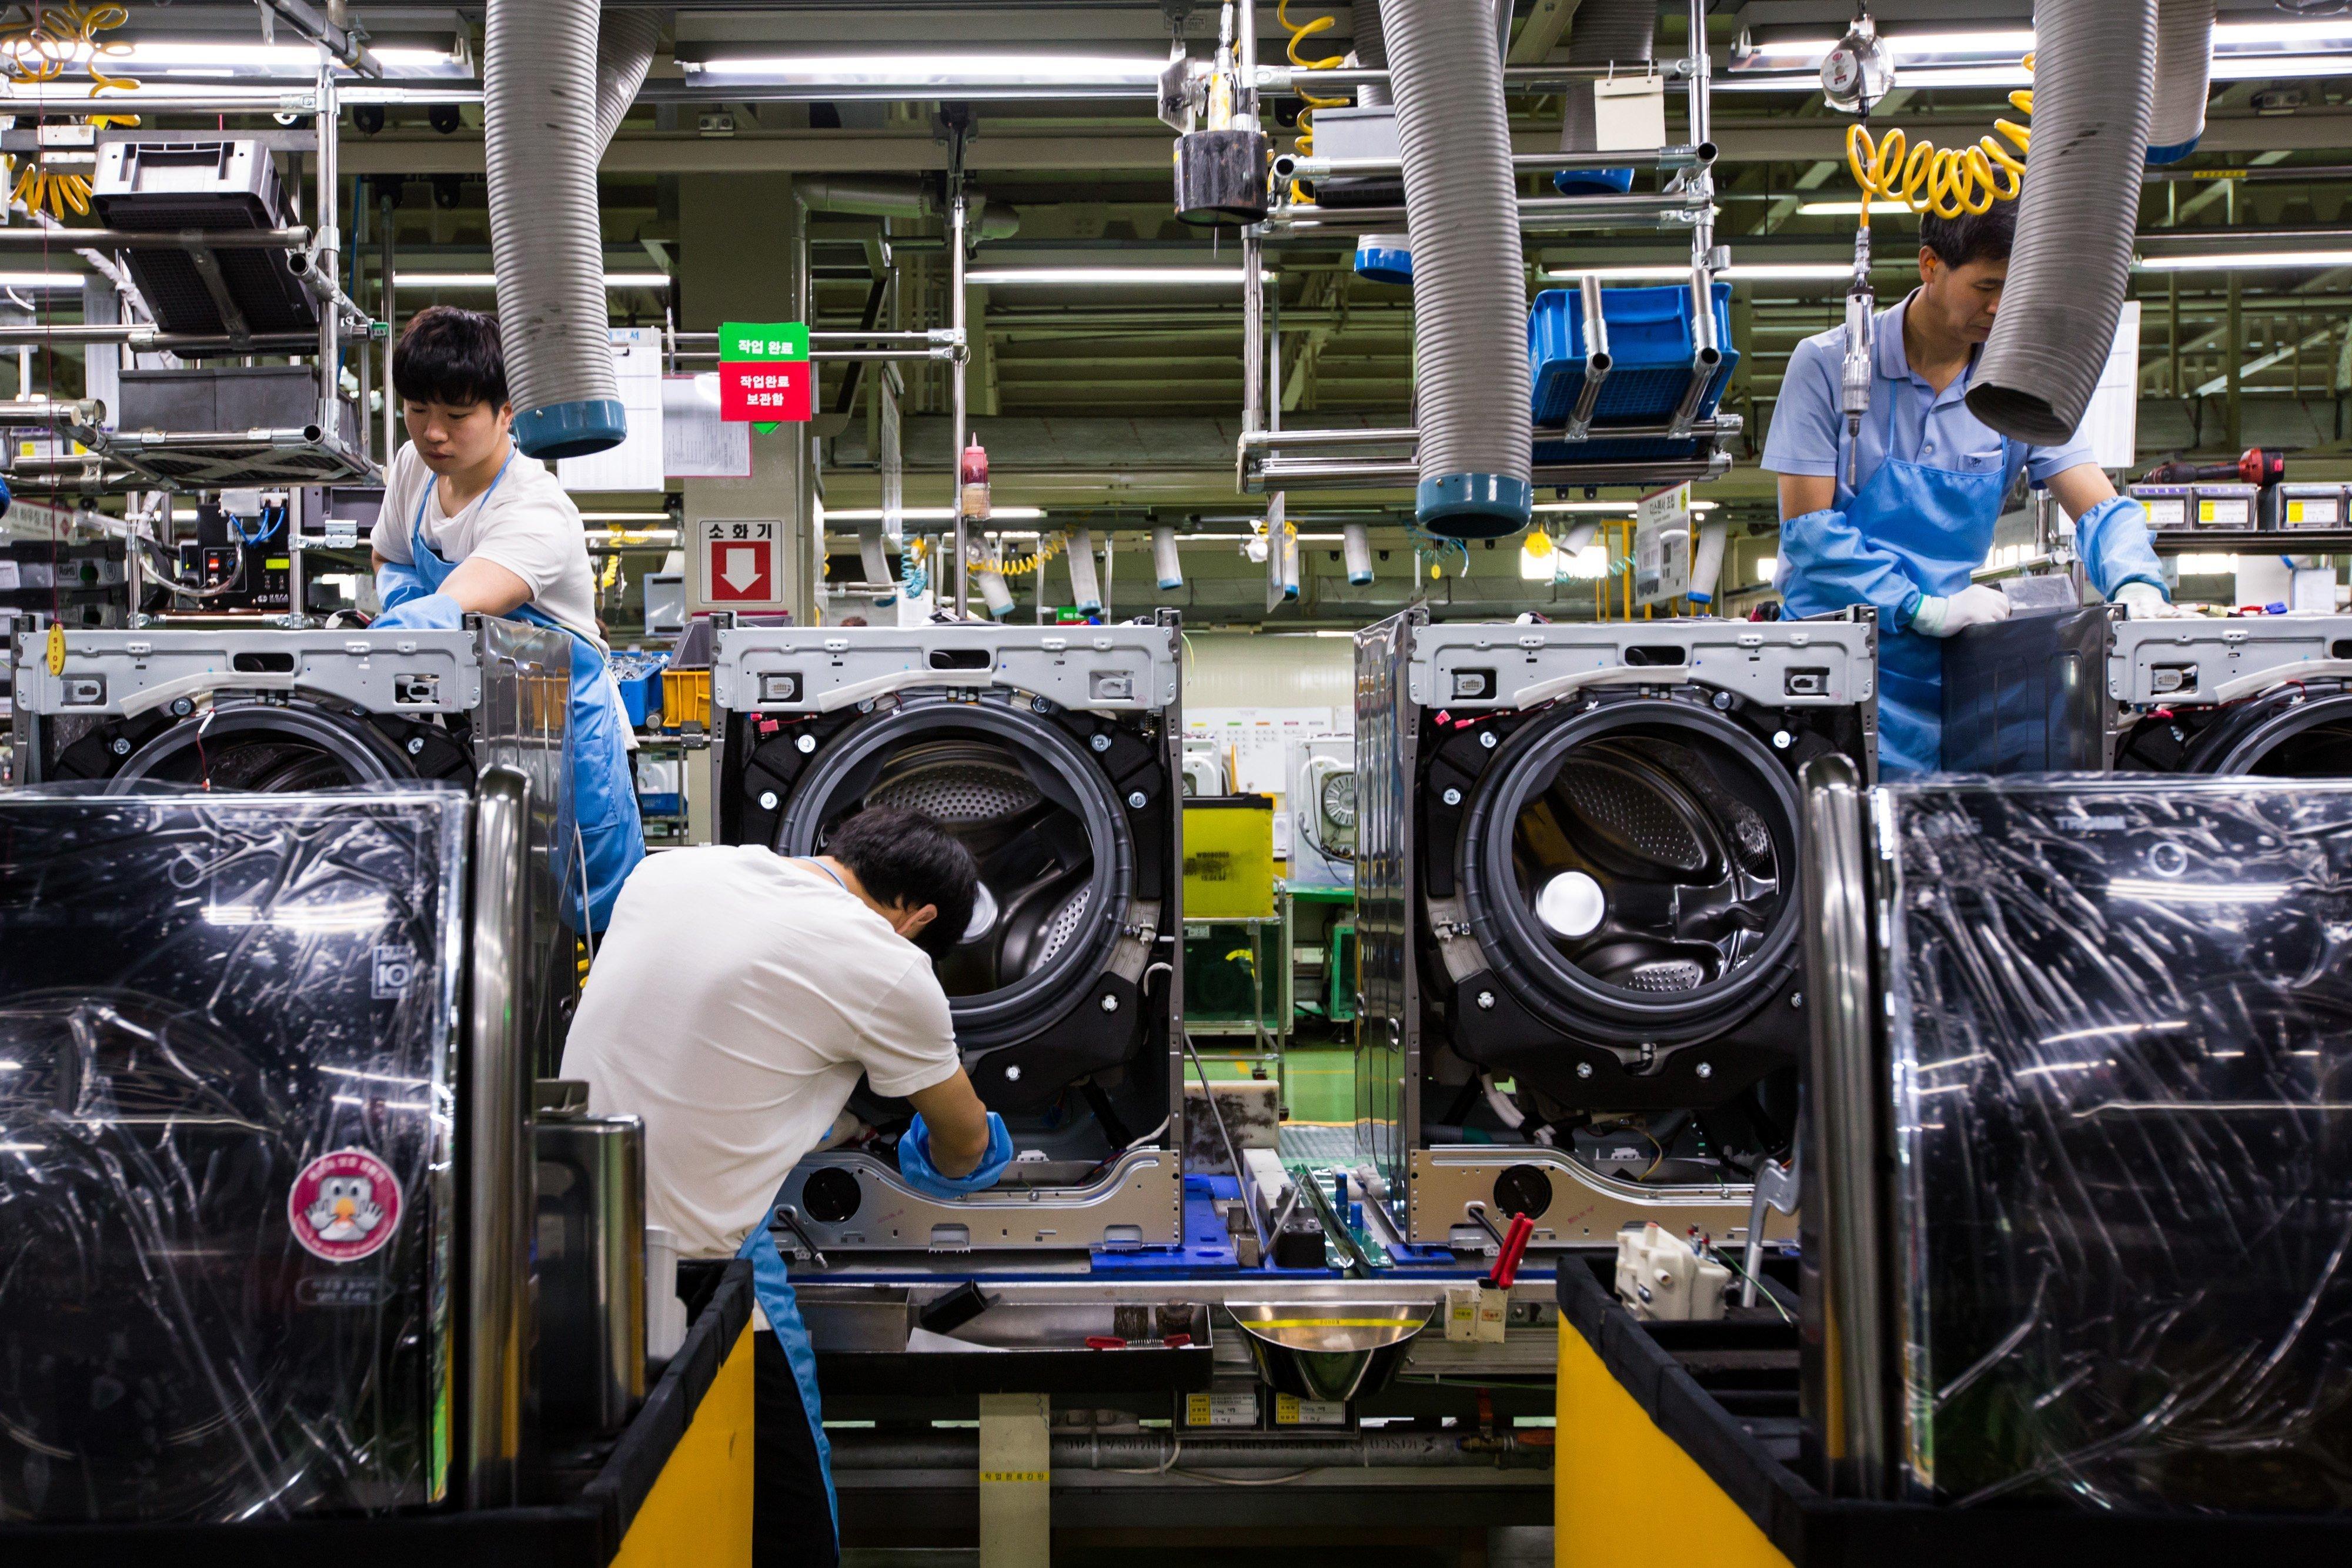 افت فعالیت کارخانجات کره جنوبی برای هفتمین ماه متوالی